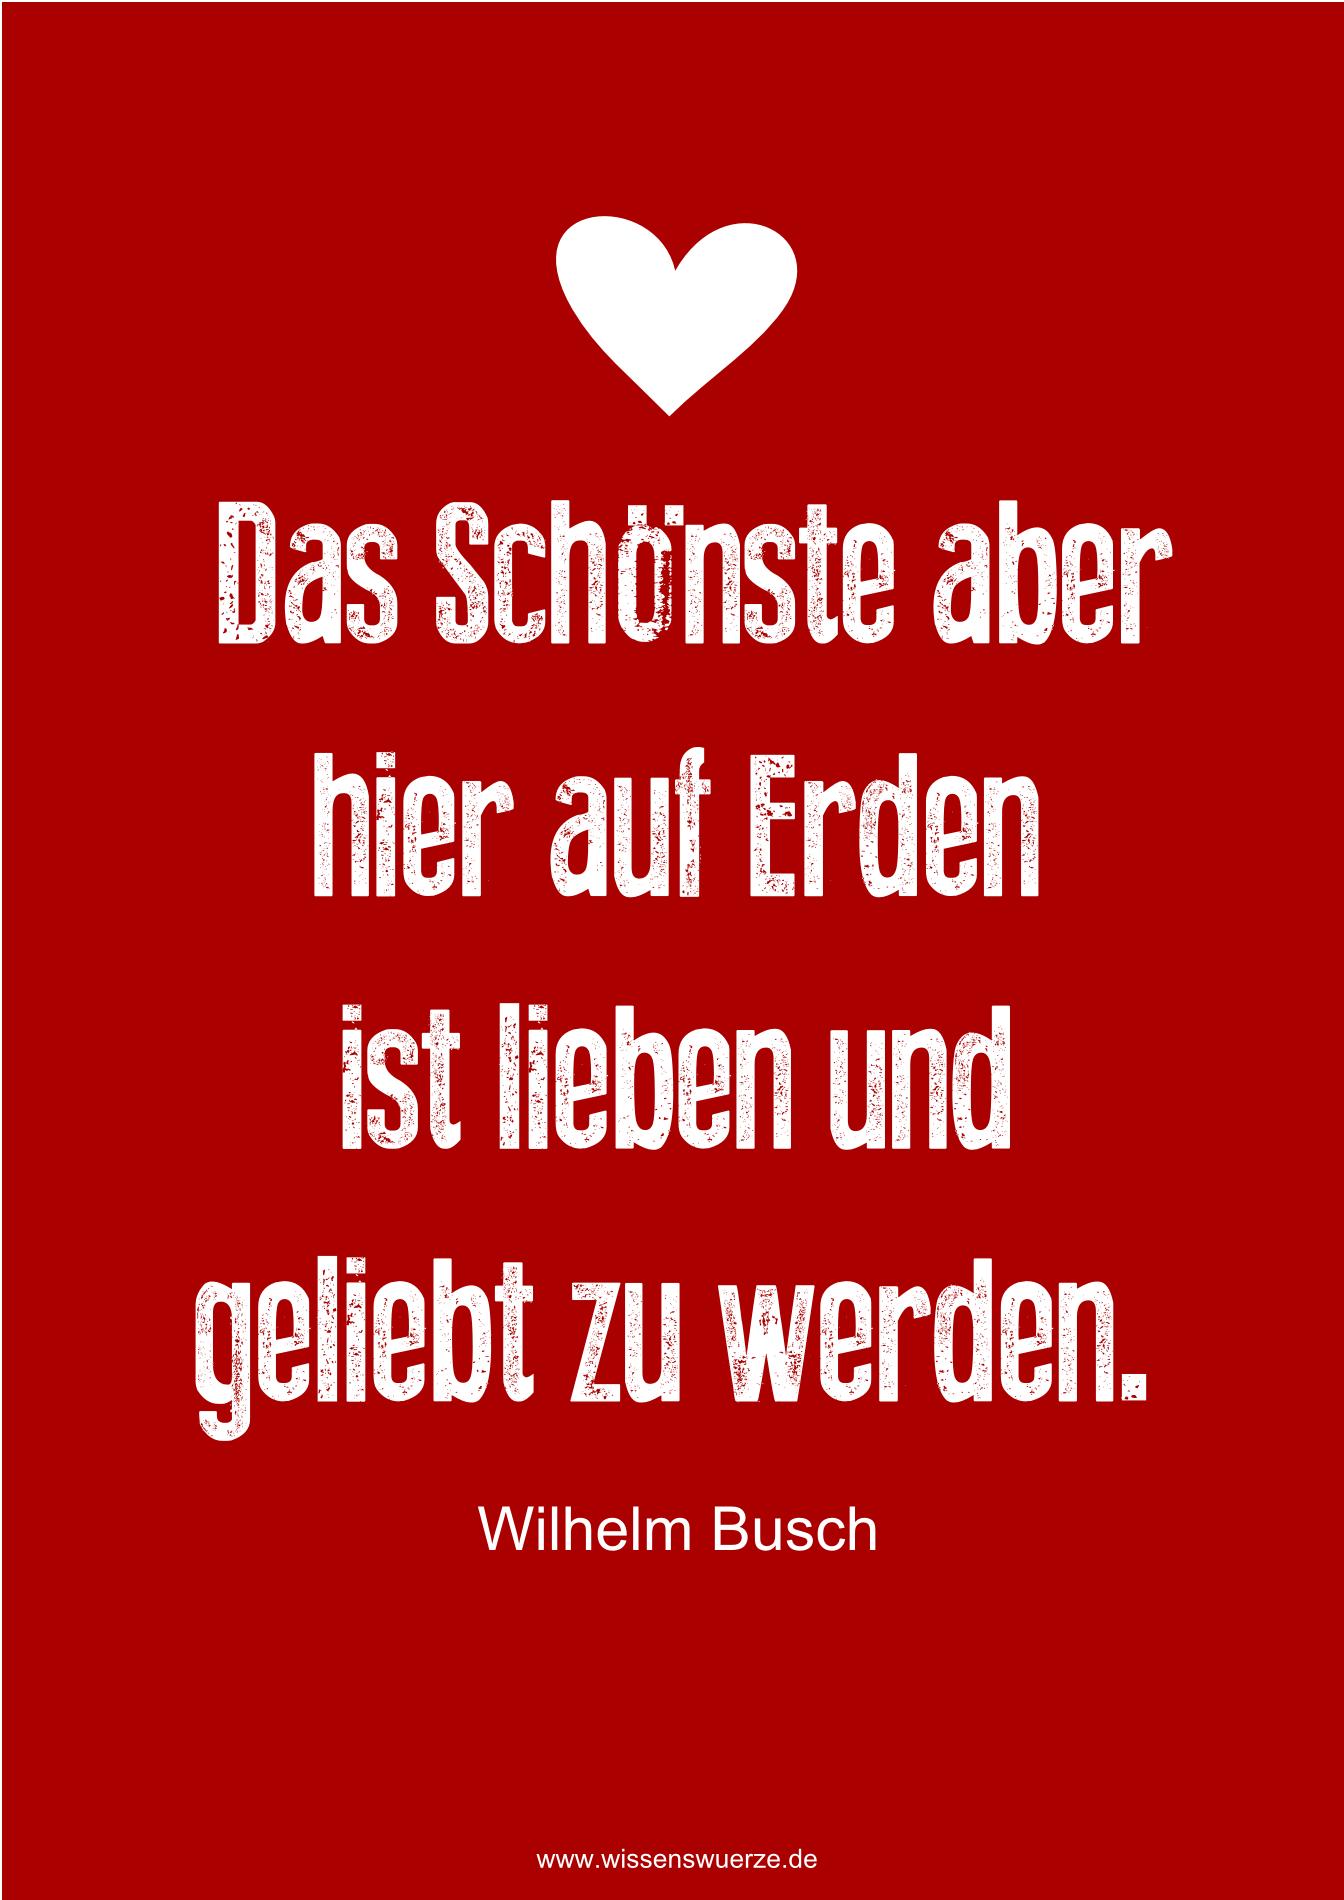 Ohne Viele Worte: Habt Einen Schönen Valentinstag Und Fühlt Euch Alle Feste  Gedrückt.